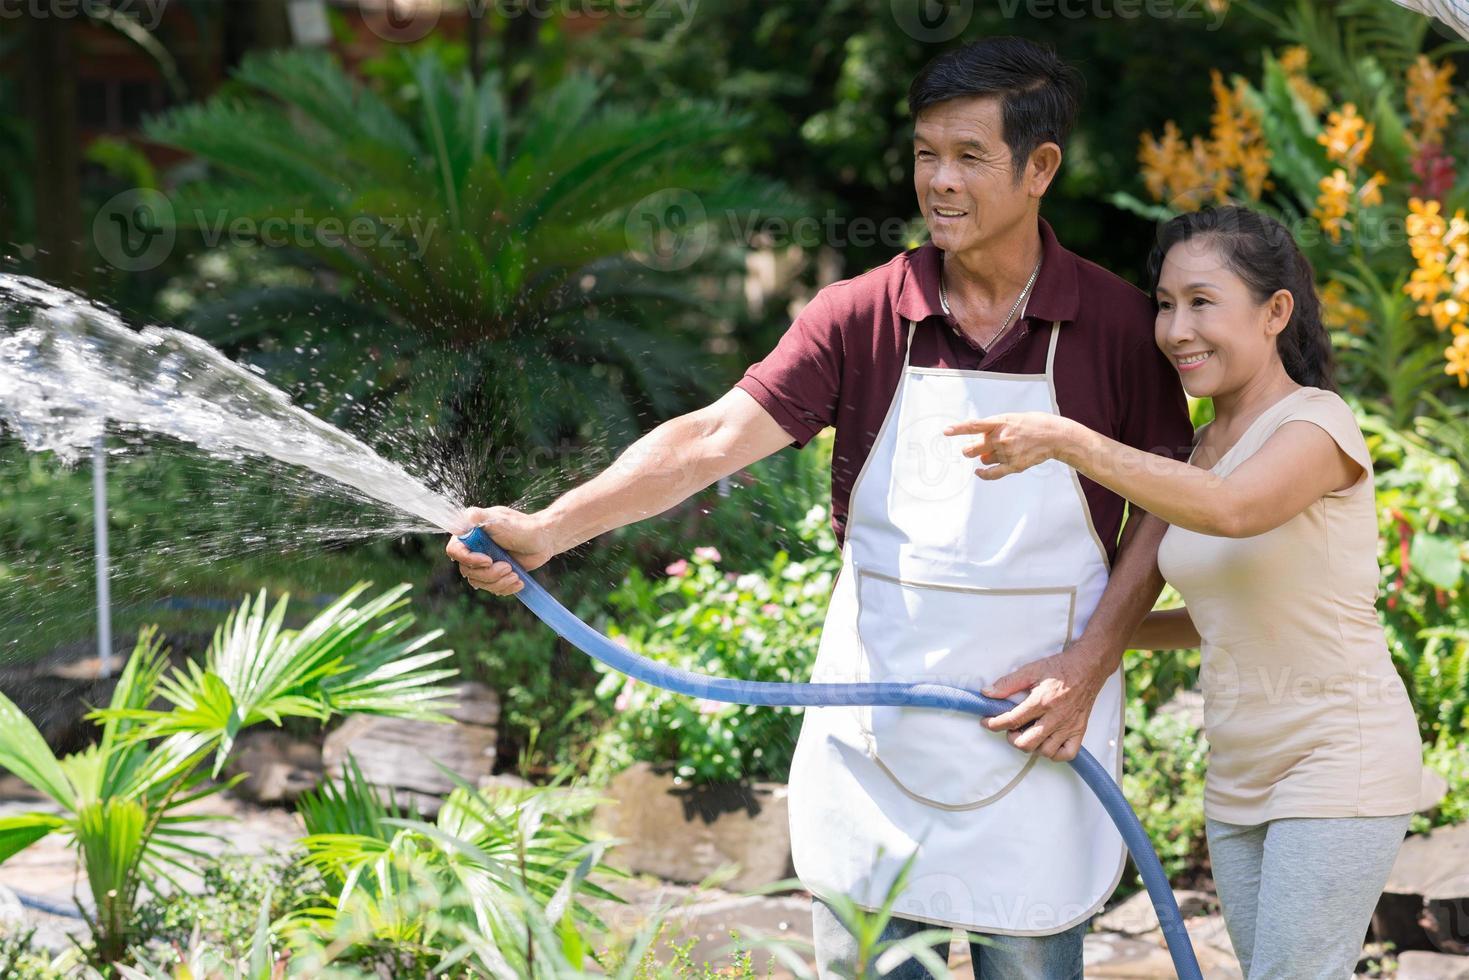 irrigazione del giardino foto